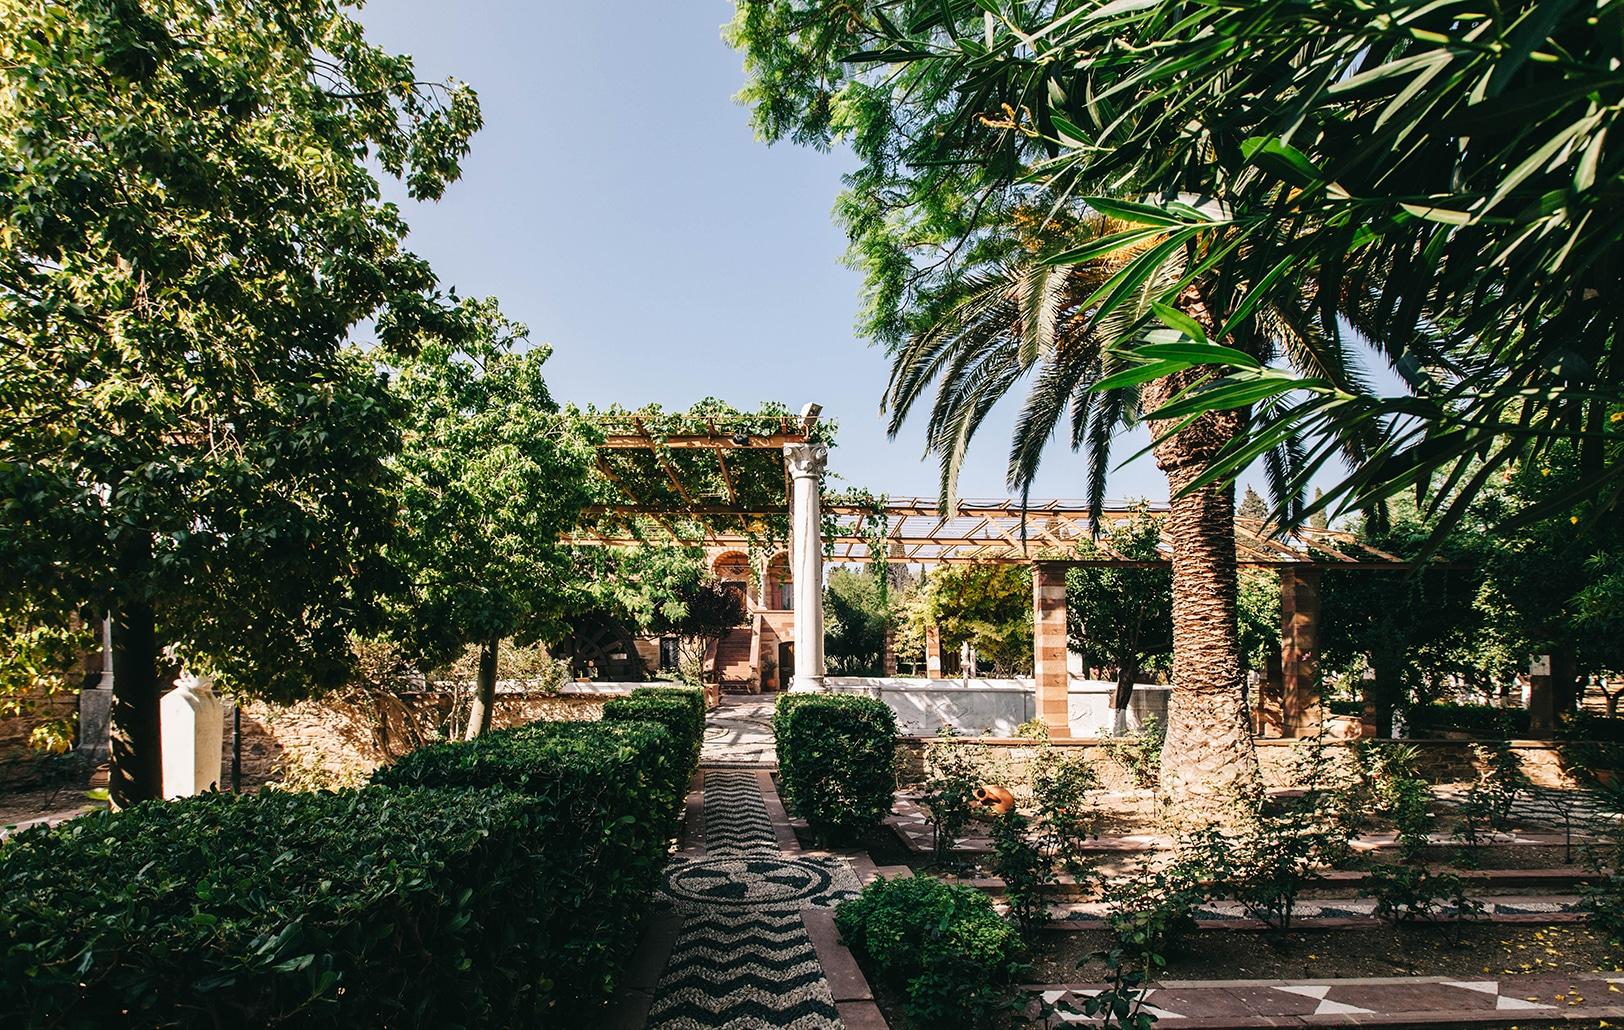 Chíosin saaren salainen puutarha